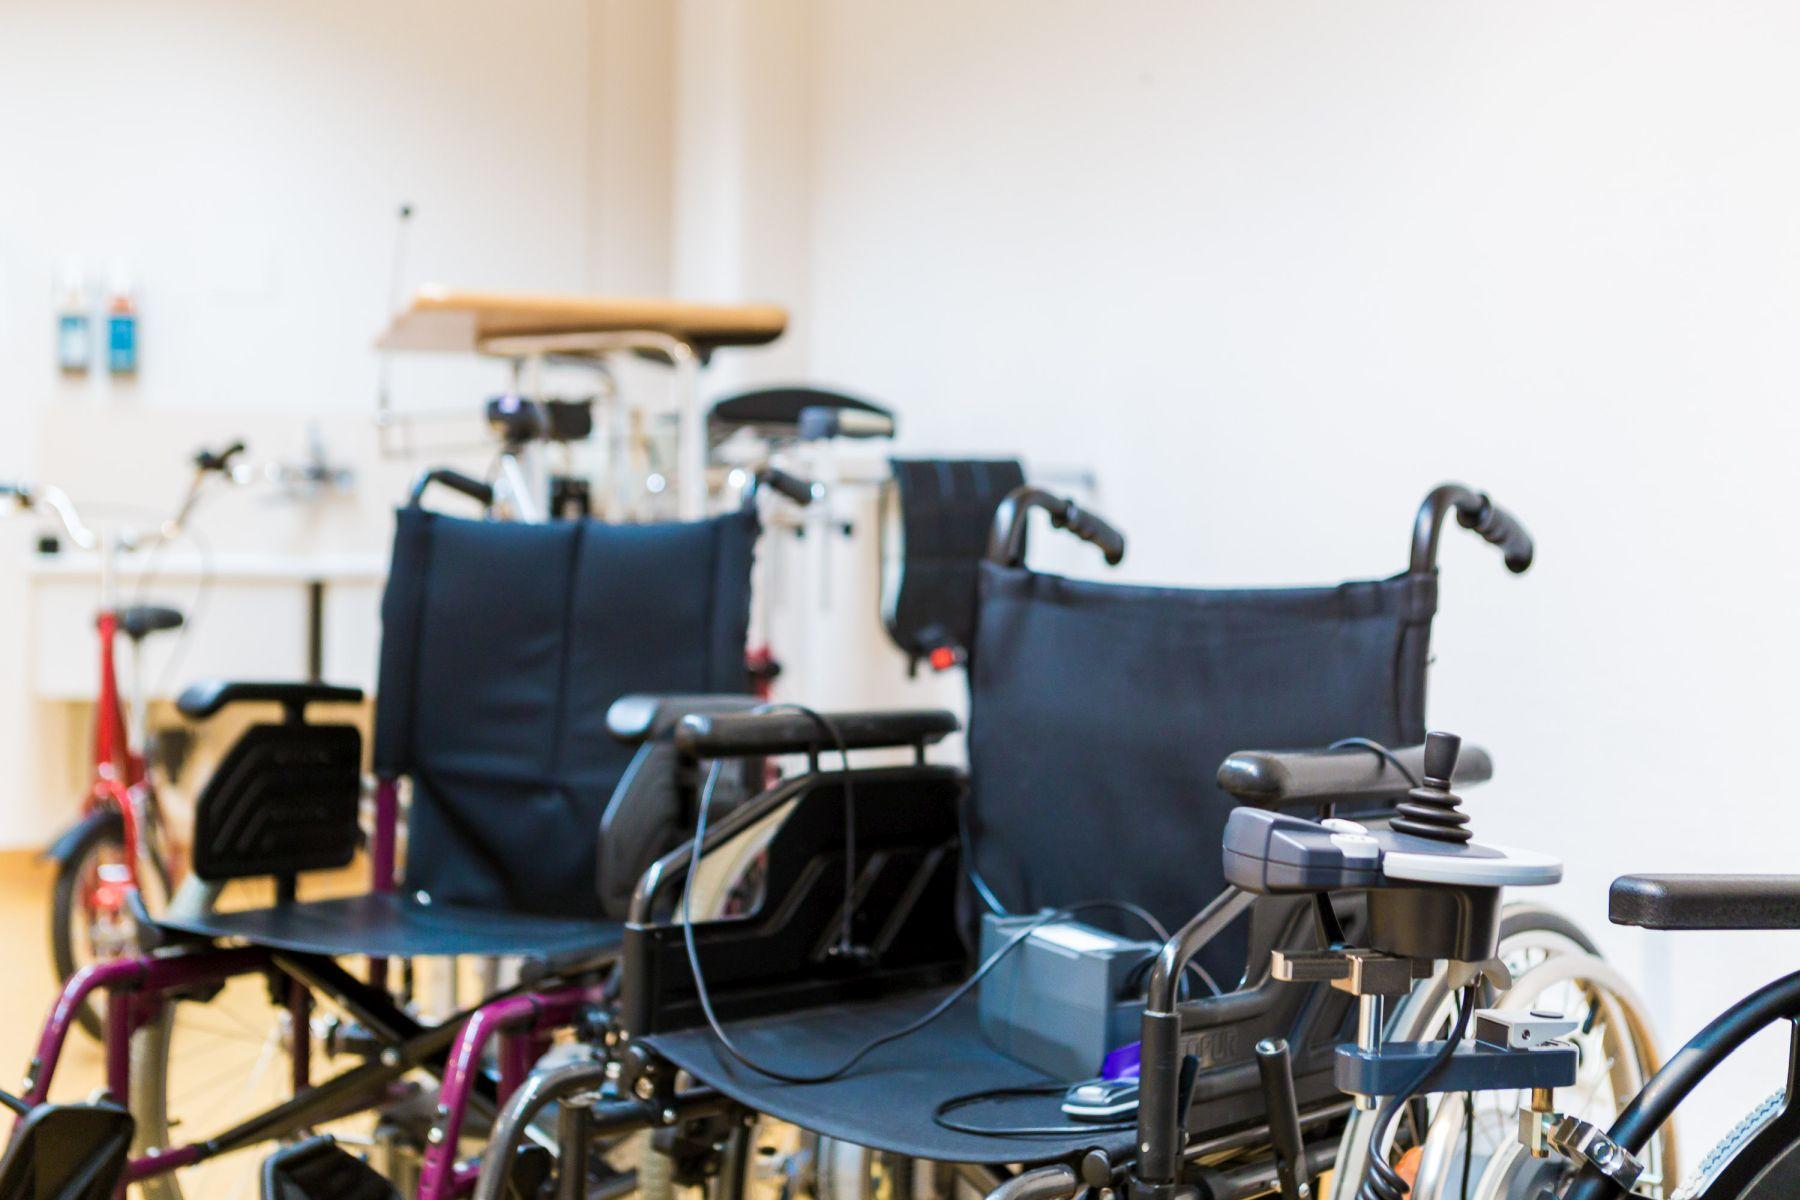 Mobilitätshilfen, die Patienten während des stationären Aufenthaltes zur Verfügung gestellt werden können